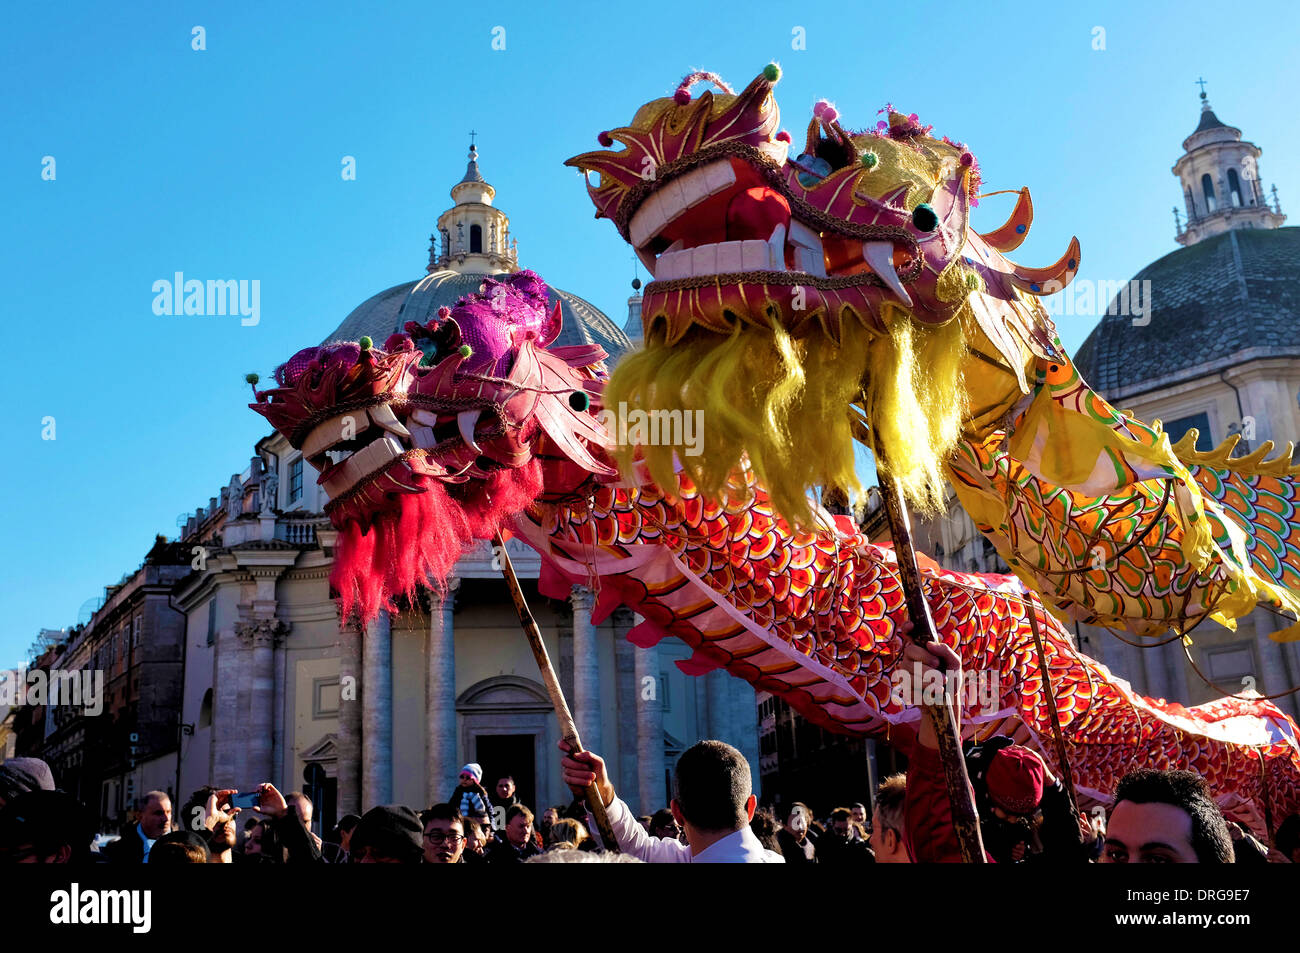 Rome, Italie 25 janvier 2014 Artistes Célébrez le Nouvel An chinois sur la Piazza del Popolo. Selon le calendrier chinois, c'est l'année de l'horse Crédit: Fabrizio Troiani/Alamy Live News Photo Stock